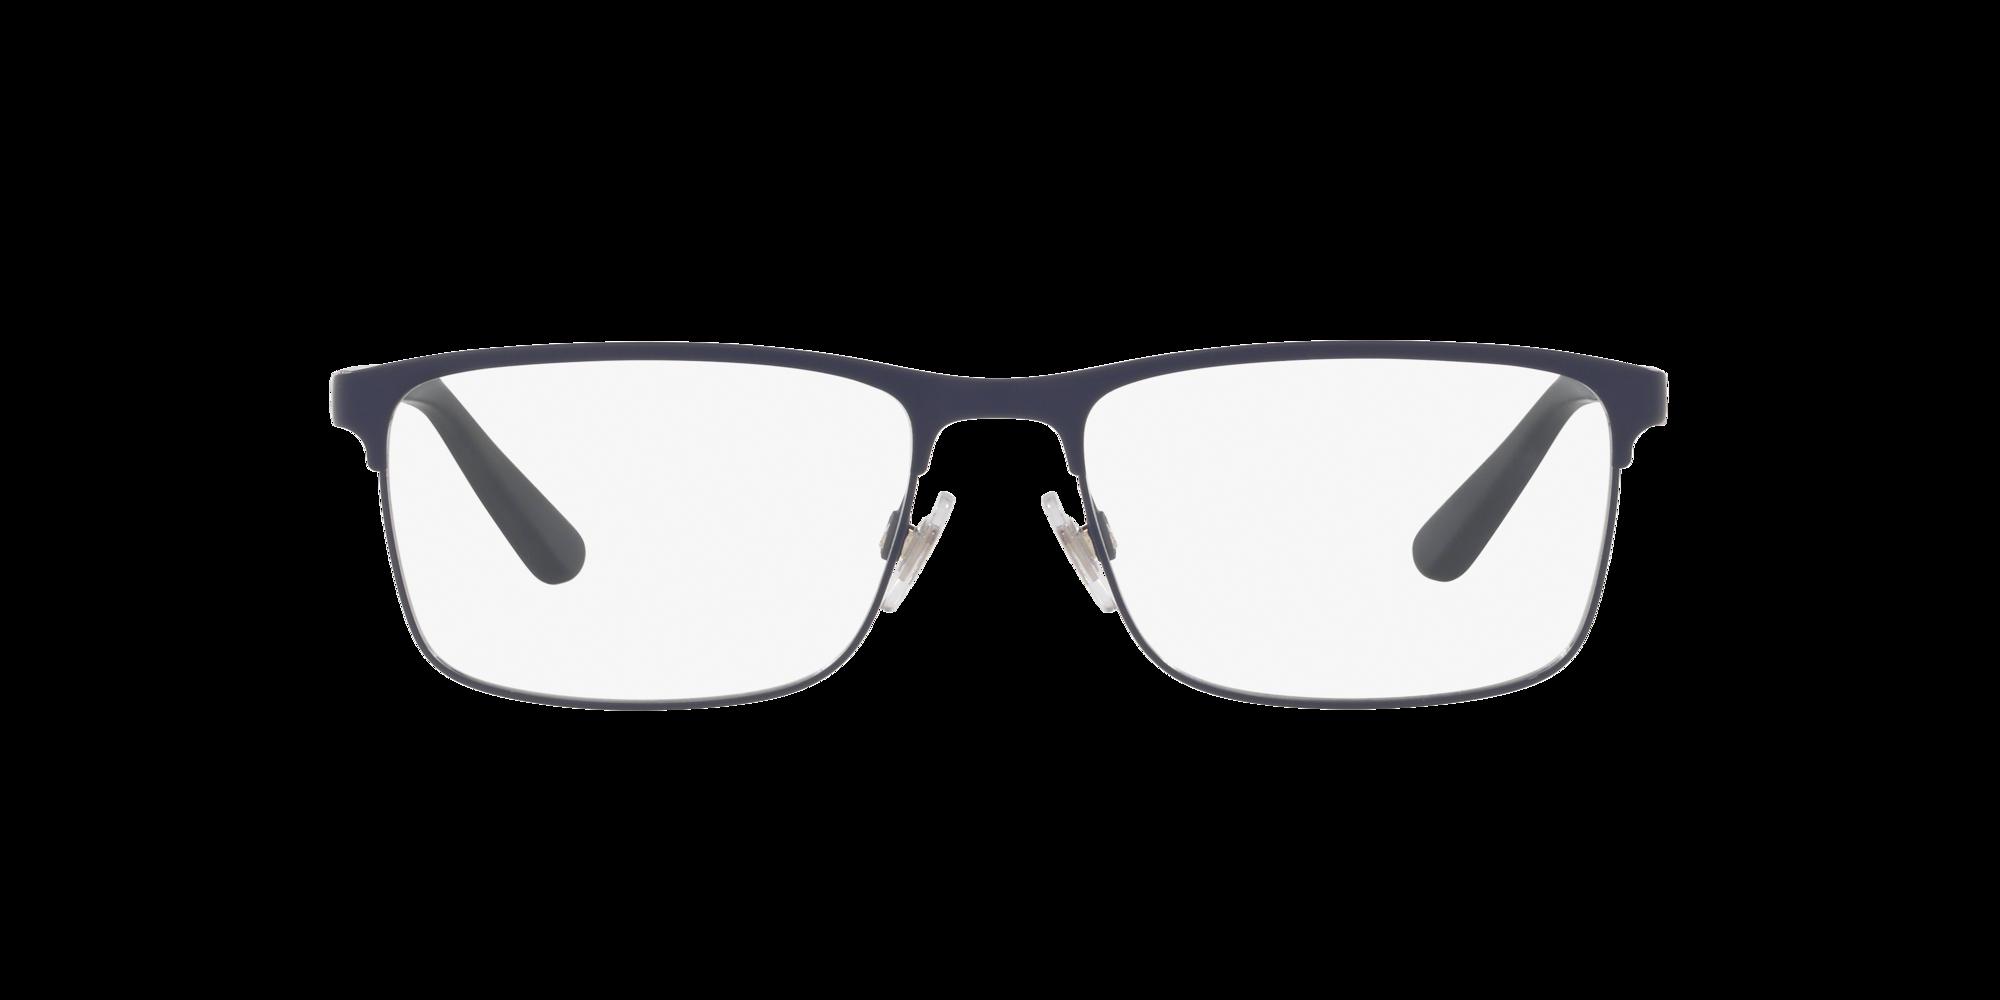 Imagen para PH1190 de LensCrafters |  Espejuelos, espejuelos graduados en línea, gafas